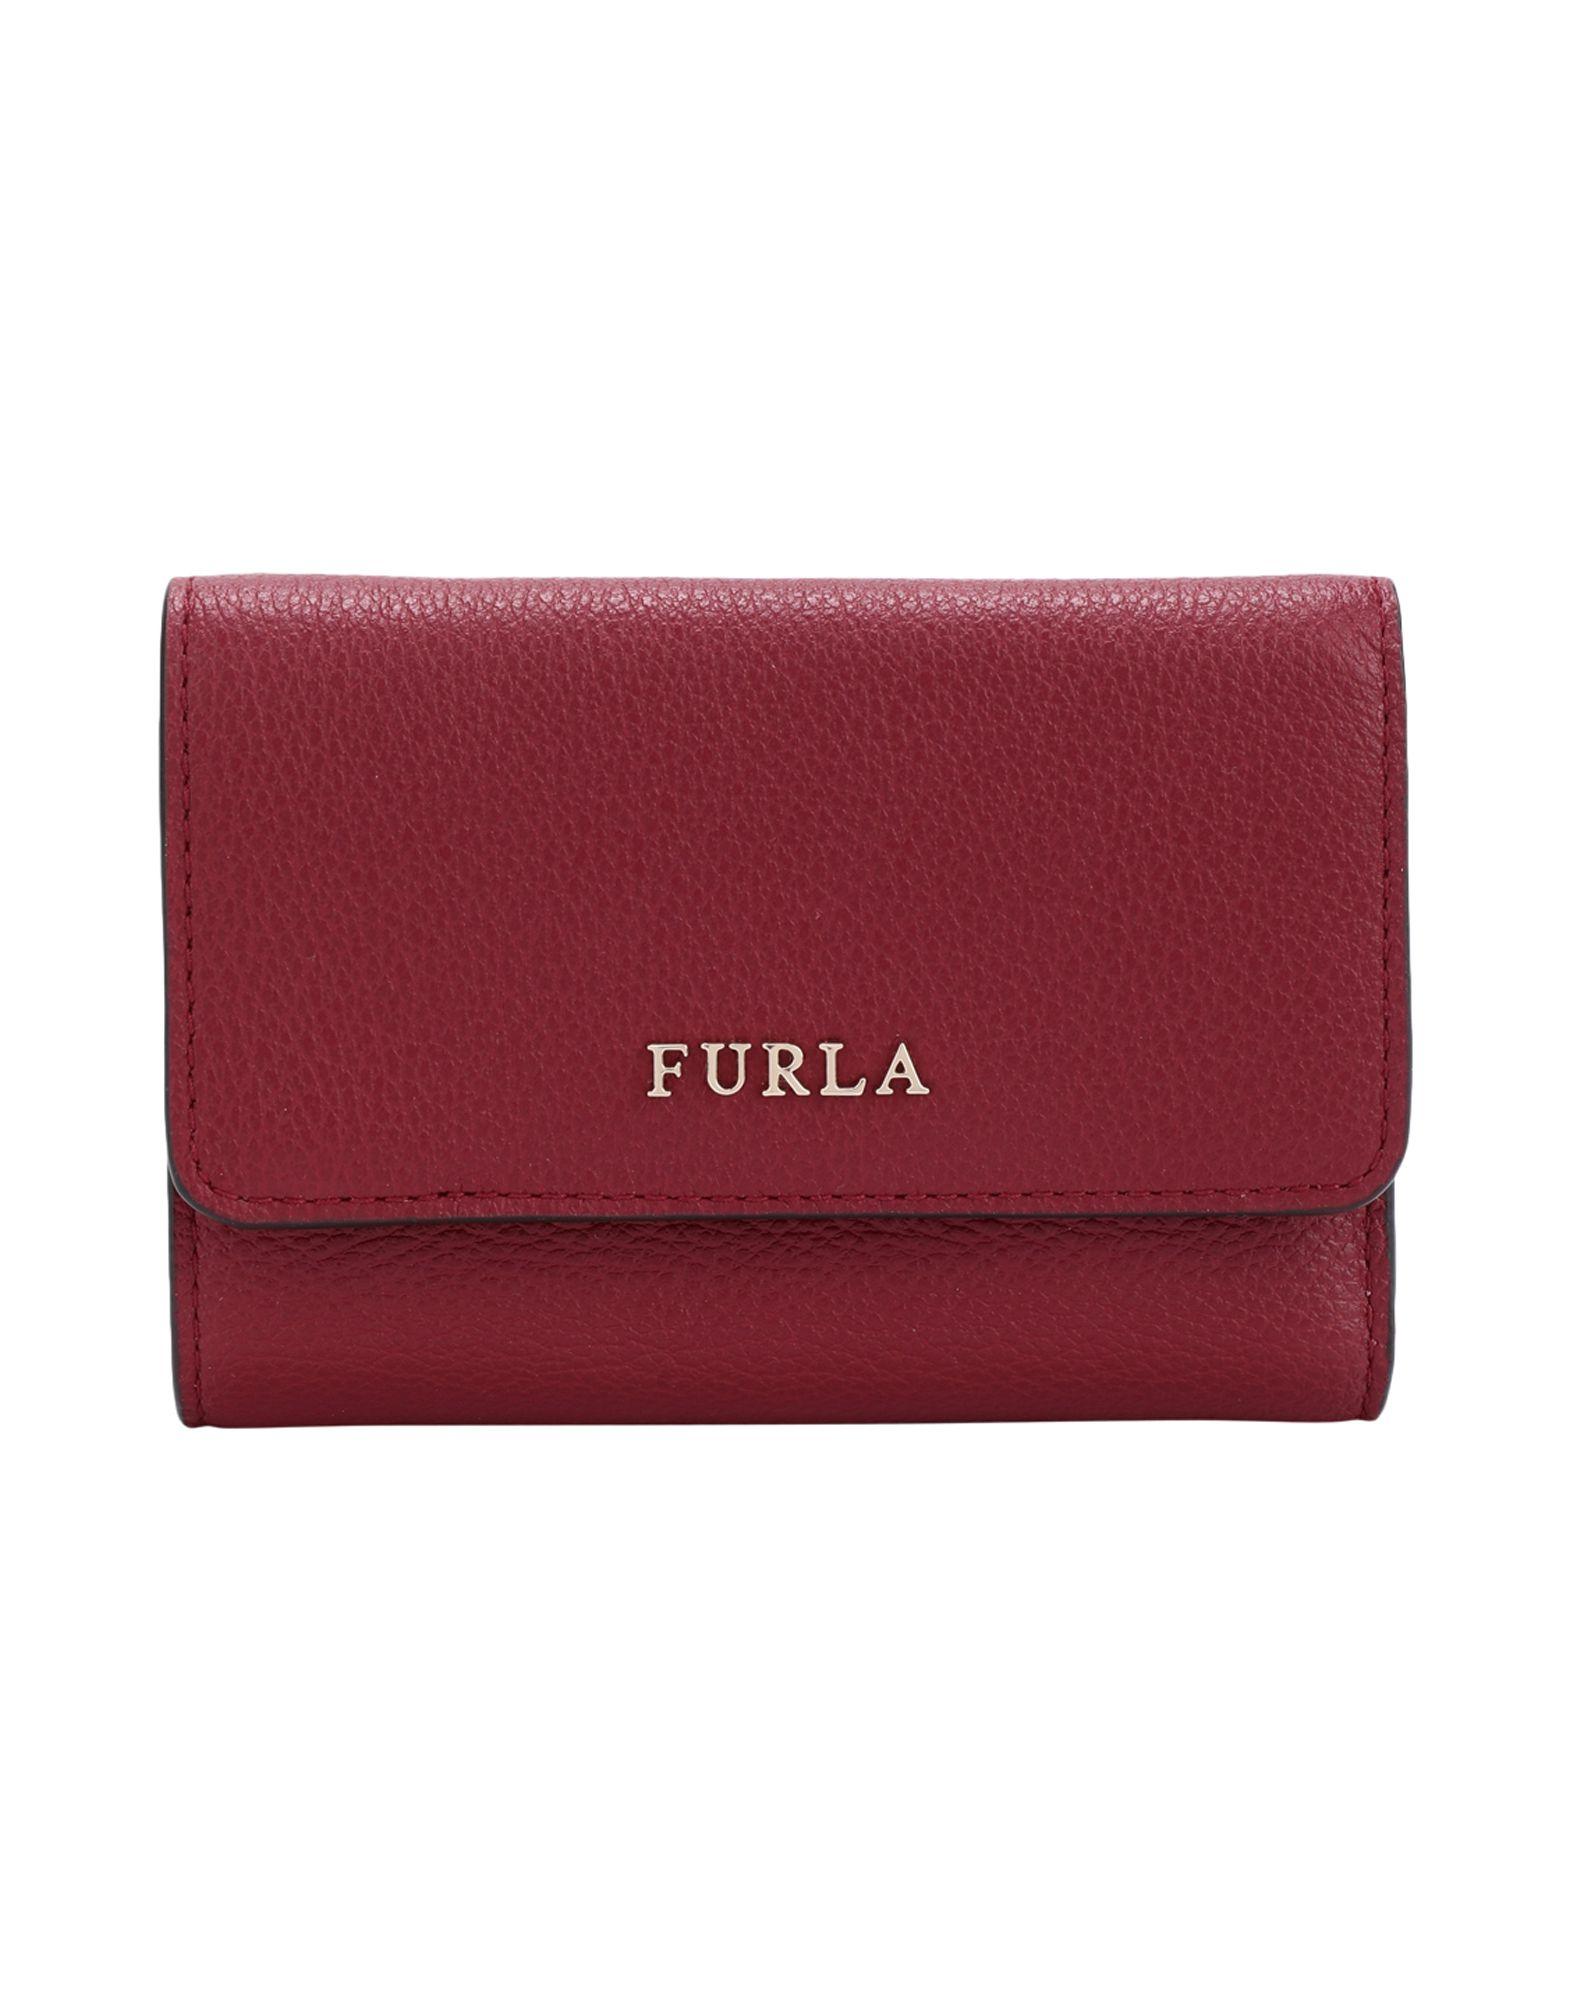 617cfab9046b フルラ(FURLA) レディース長財布 | 通販・人気ランキング - 価格.com